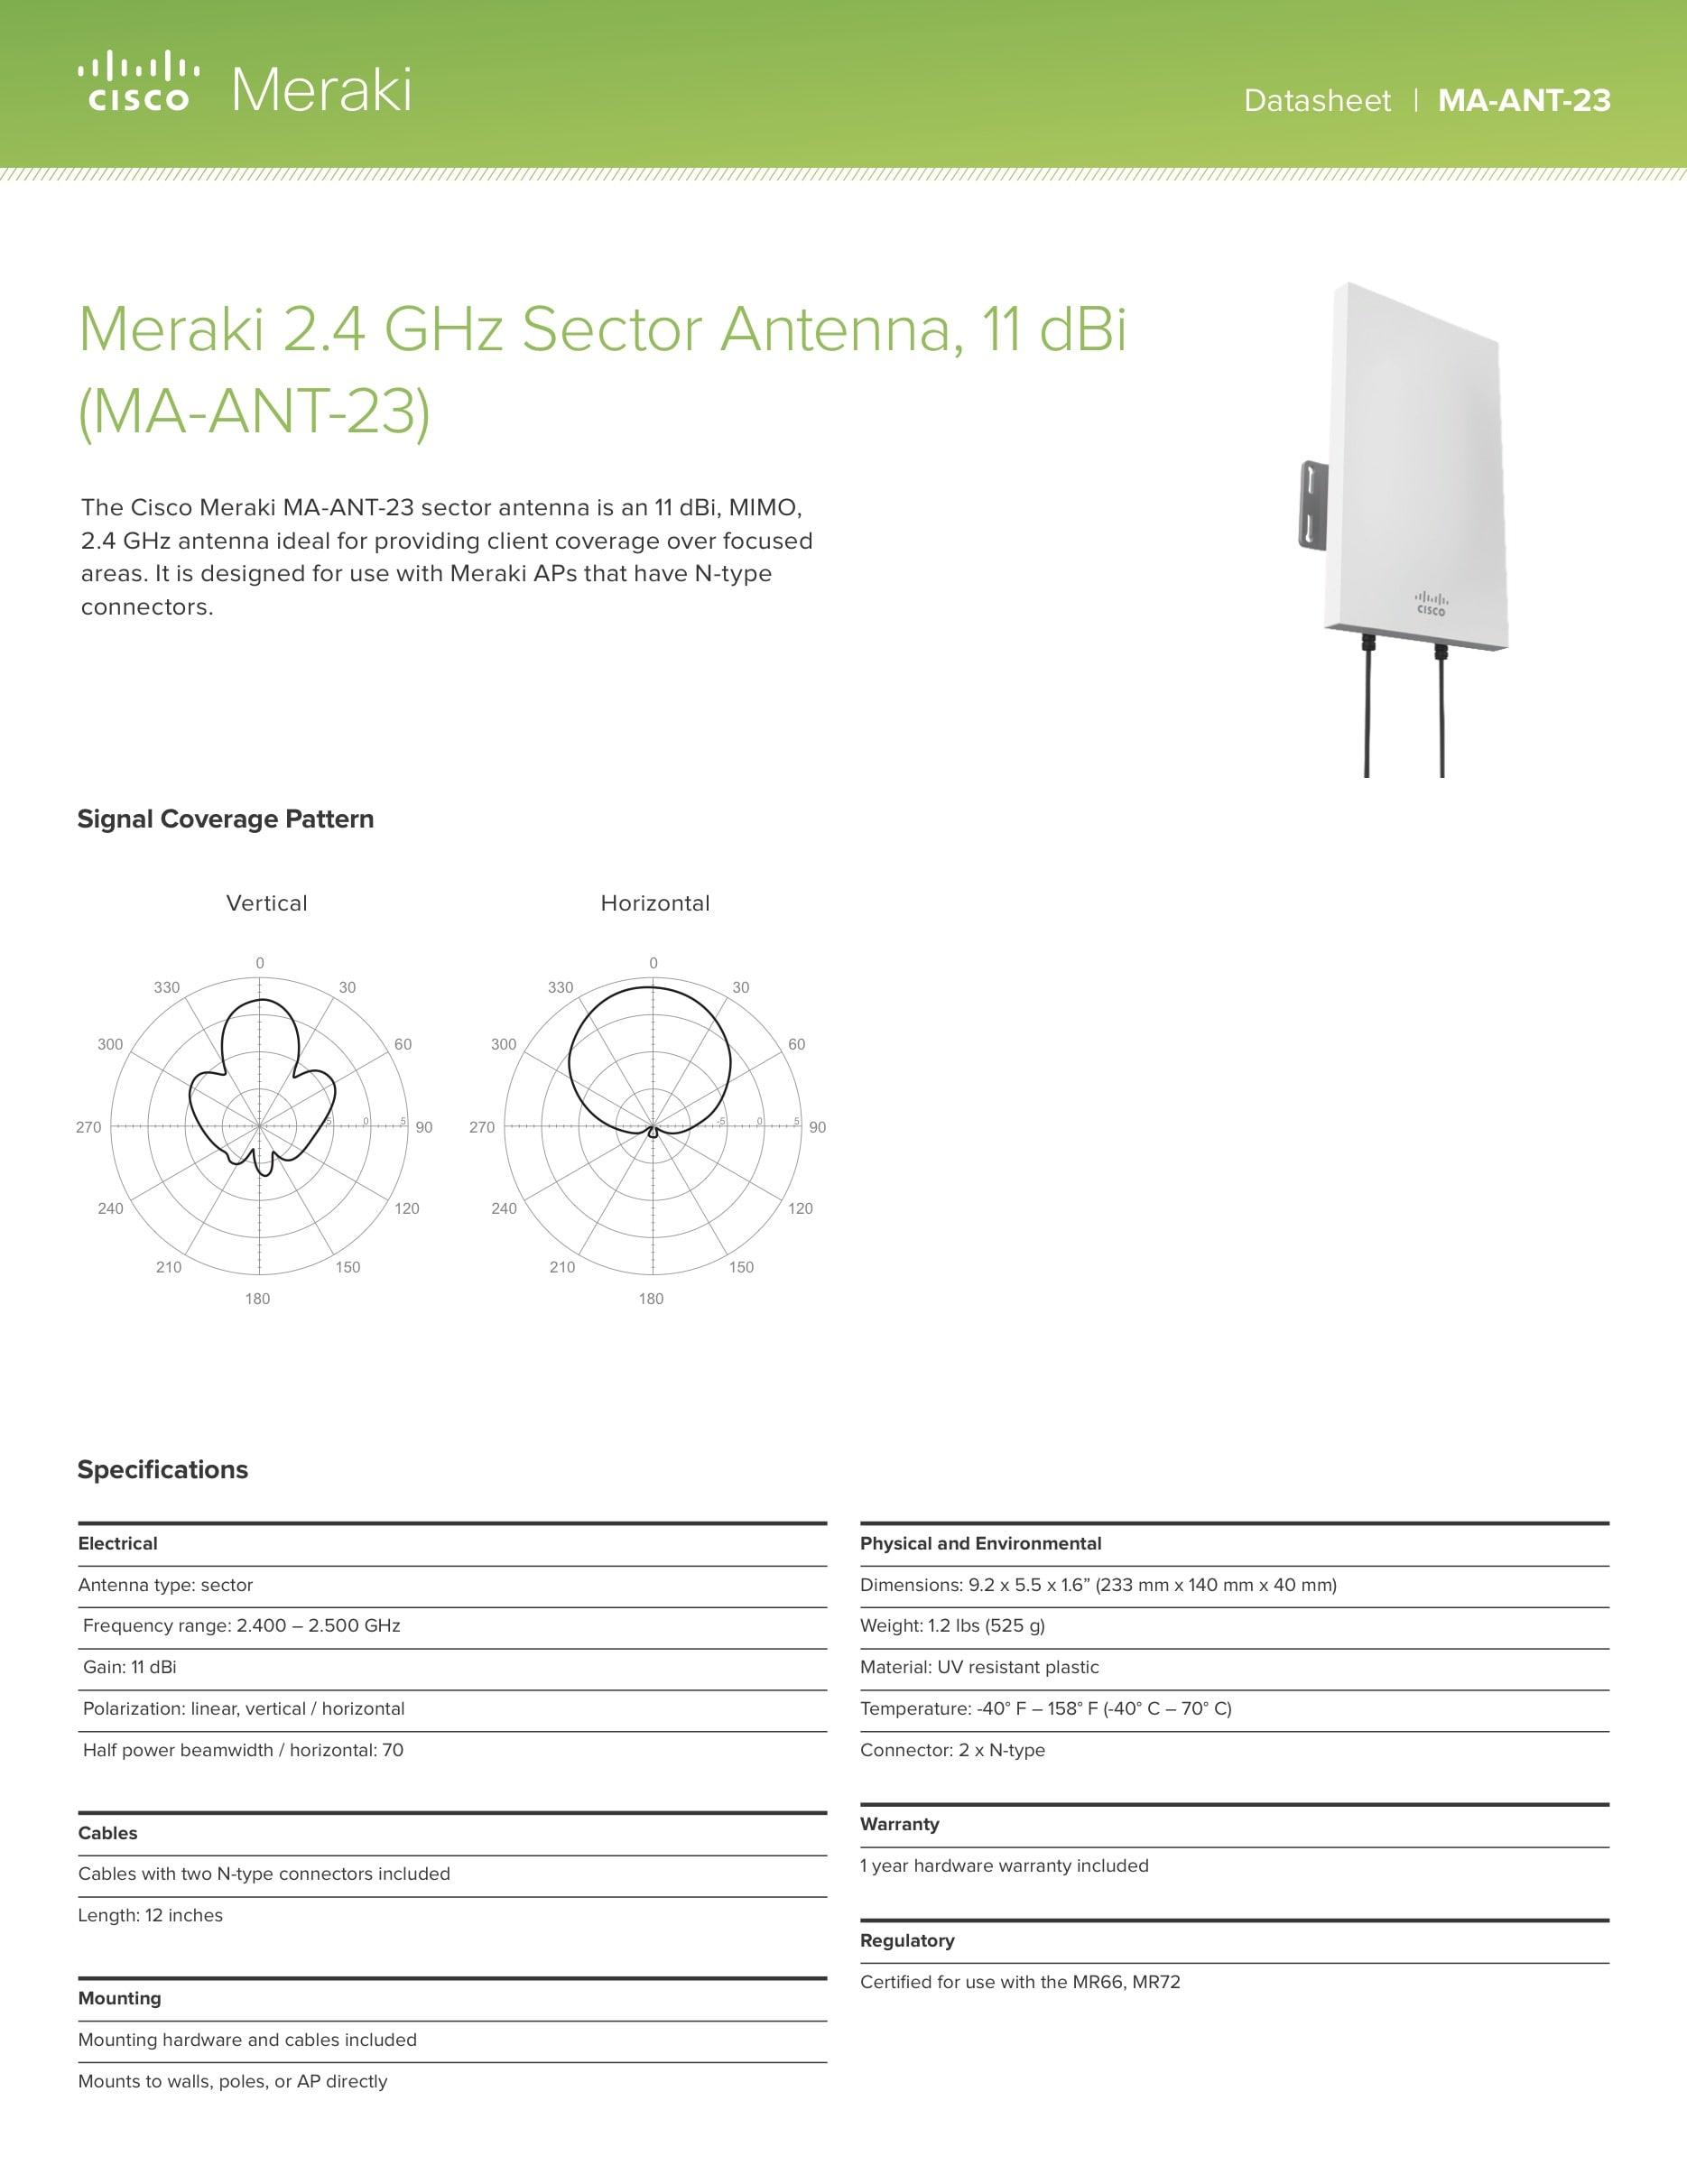 2.4 GHz Sector Antenna Datasheet